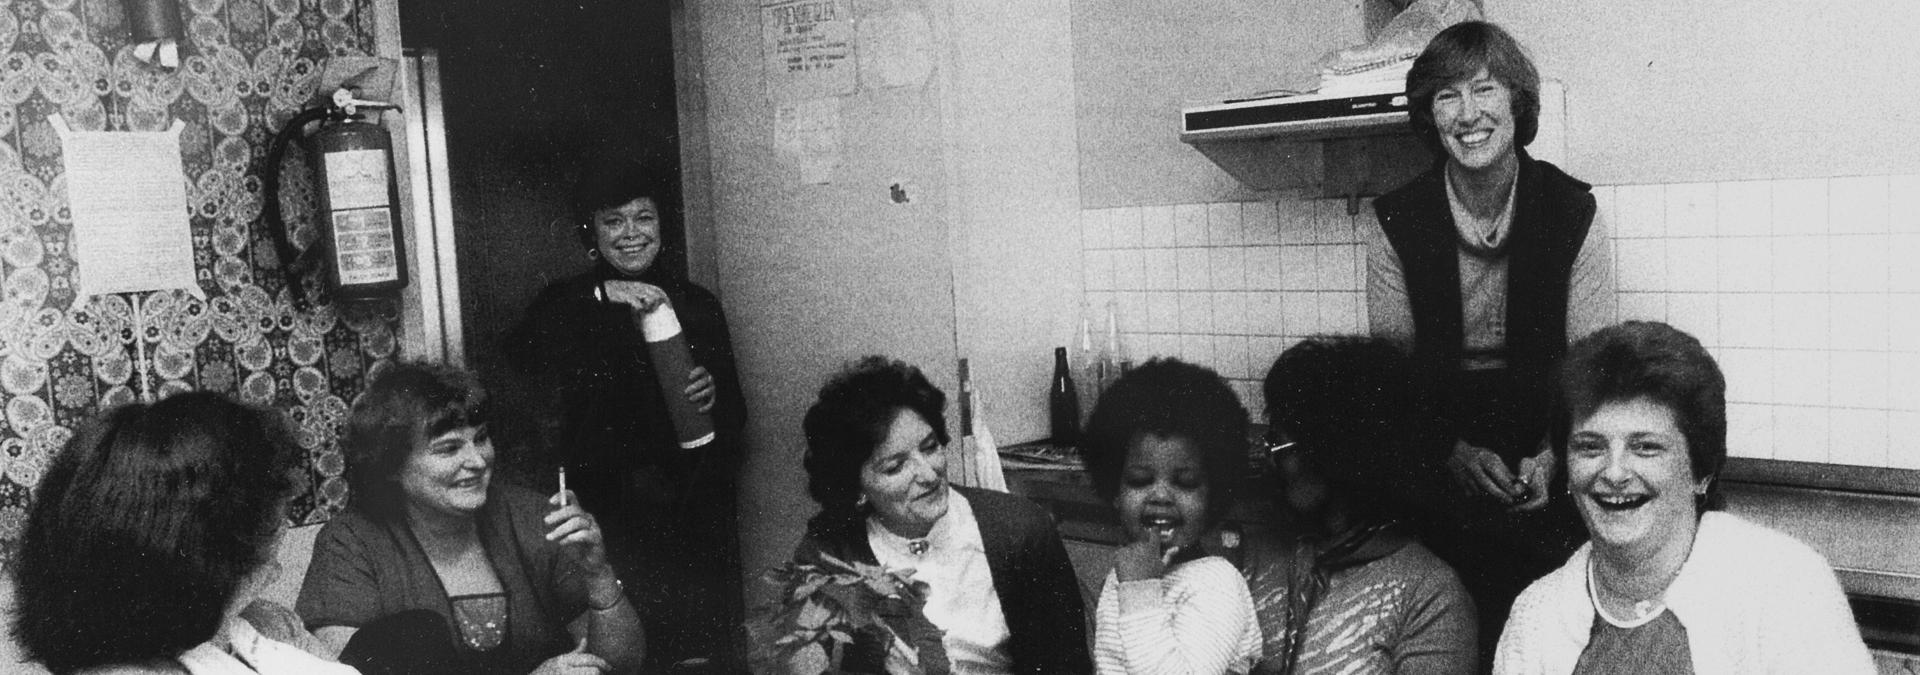 Beboere sidder i et etagekøkken og hygger sig, Kvindehjemmets historie